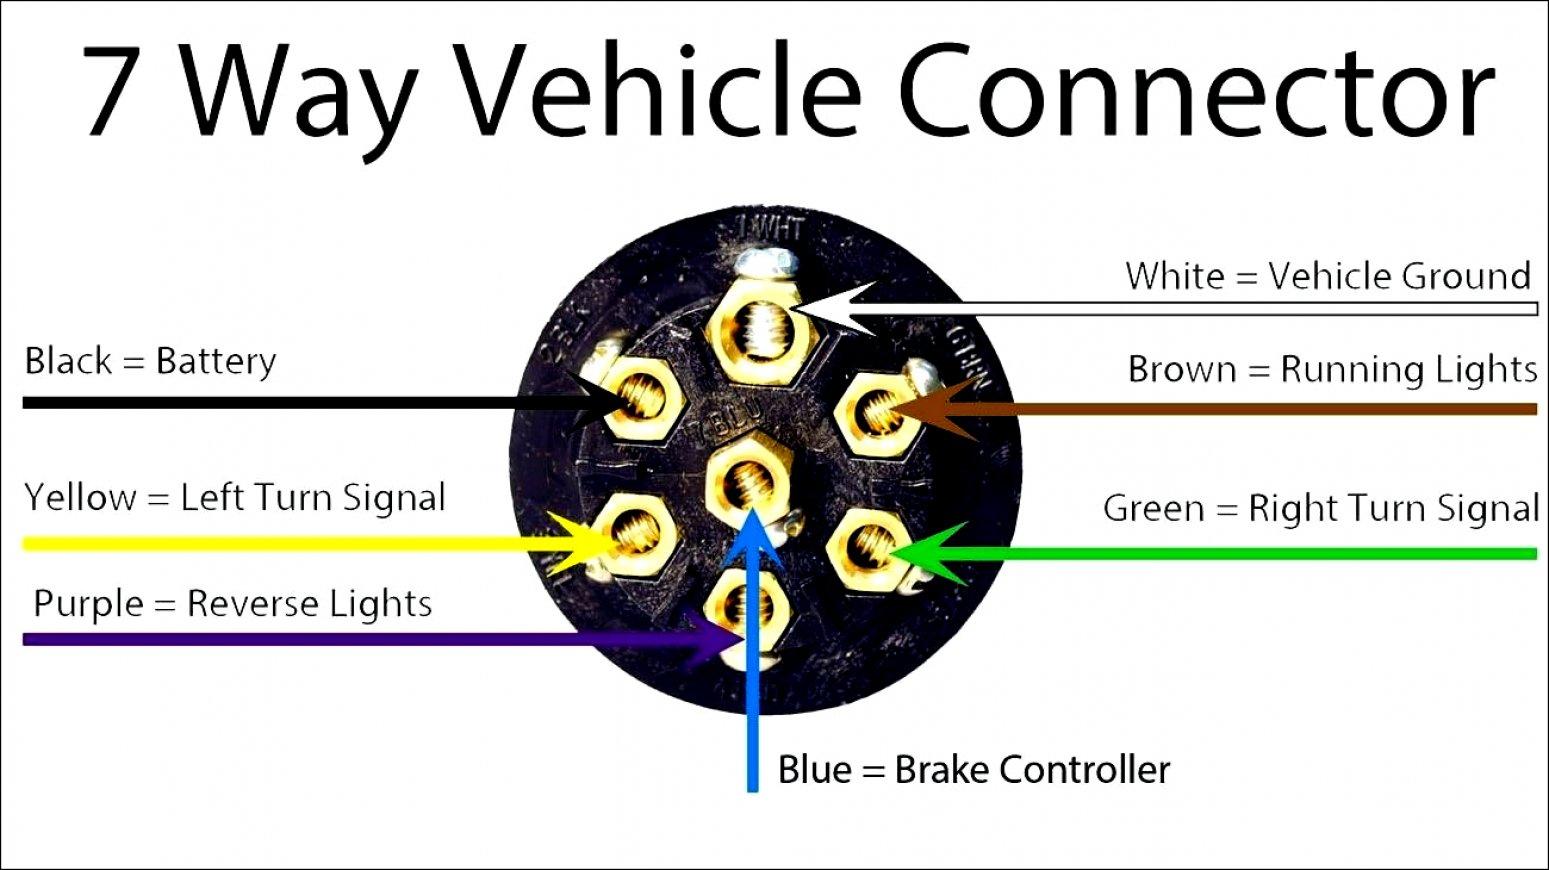 7 Way Heavy Duty Trailer Plug Wiring Diagram | Wiring Diagram - 7 Pin Trailer Connection Wiring Diagram